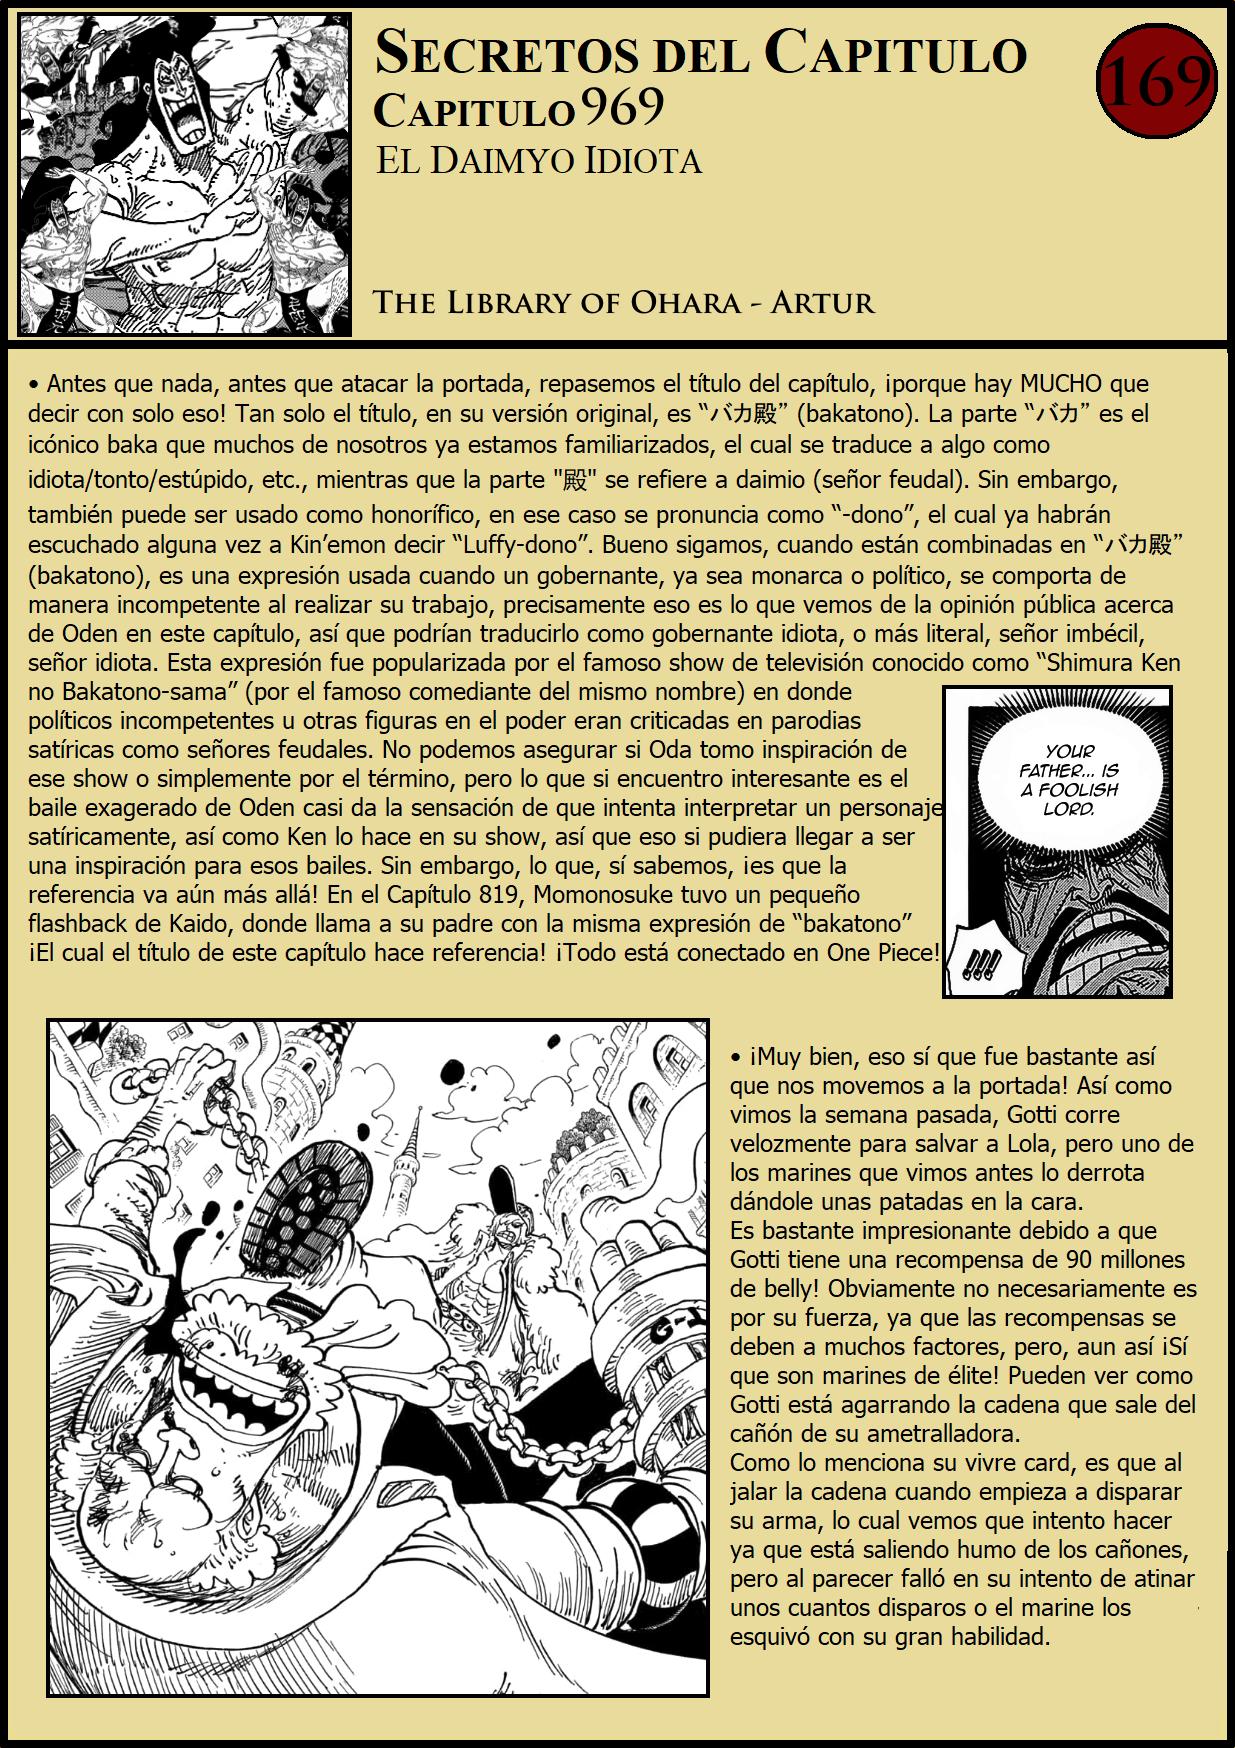 Secretos & Curiosidades - One Piece Manga 969 01